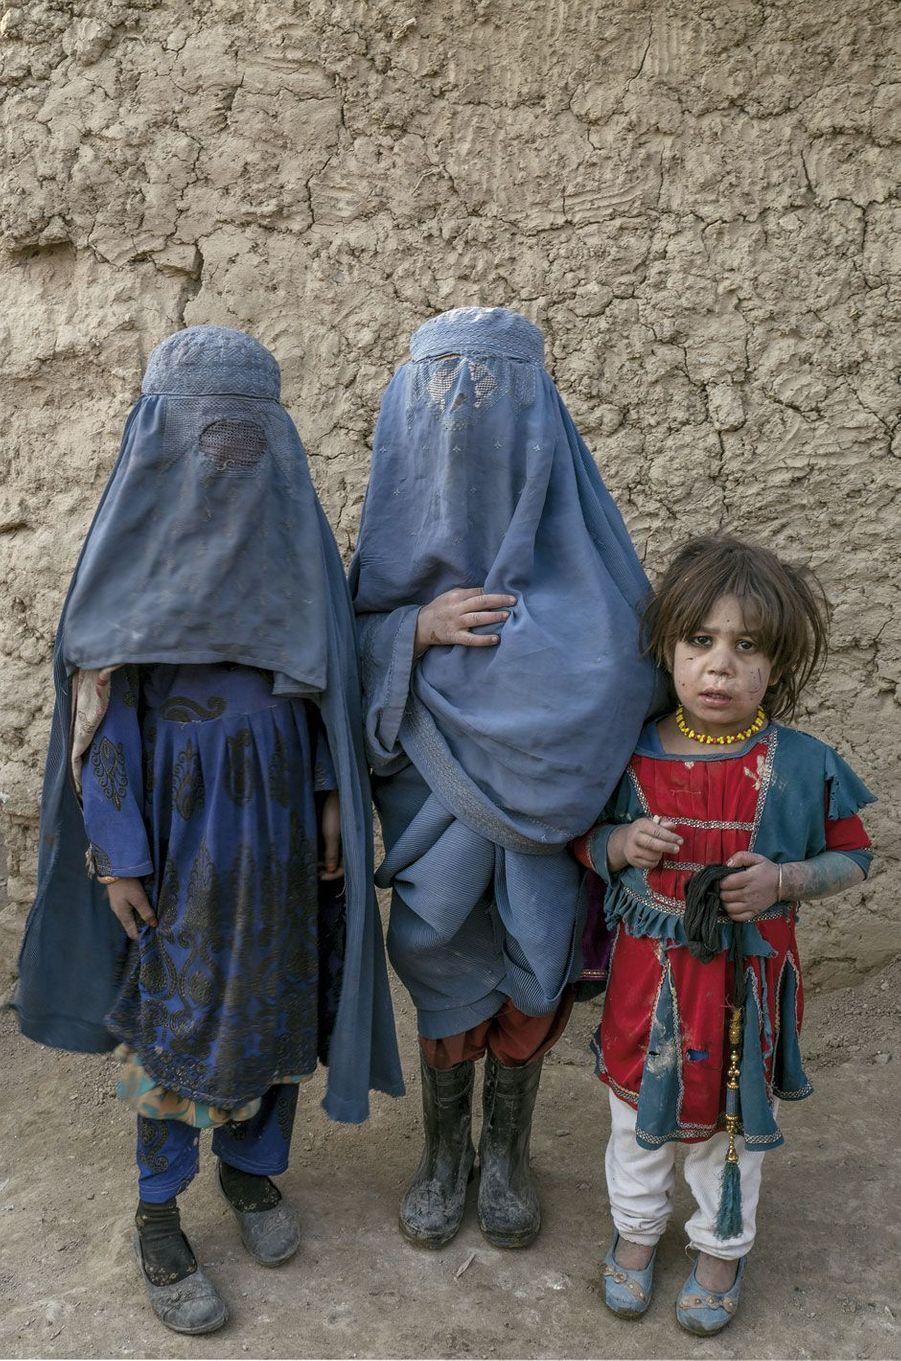 Dans un camp de déplacés, à Kaboul. Ces fillettes viennent du Helmand, une région ultra-conservatrice où on les « habitue »à la burqa, avant de l'imposer dès l'âge de 9 ans.